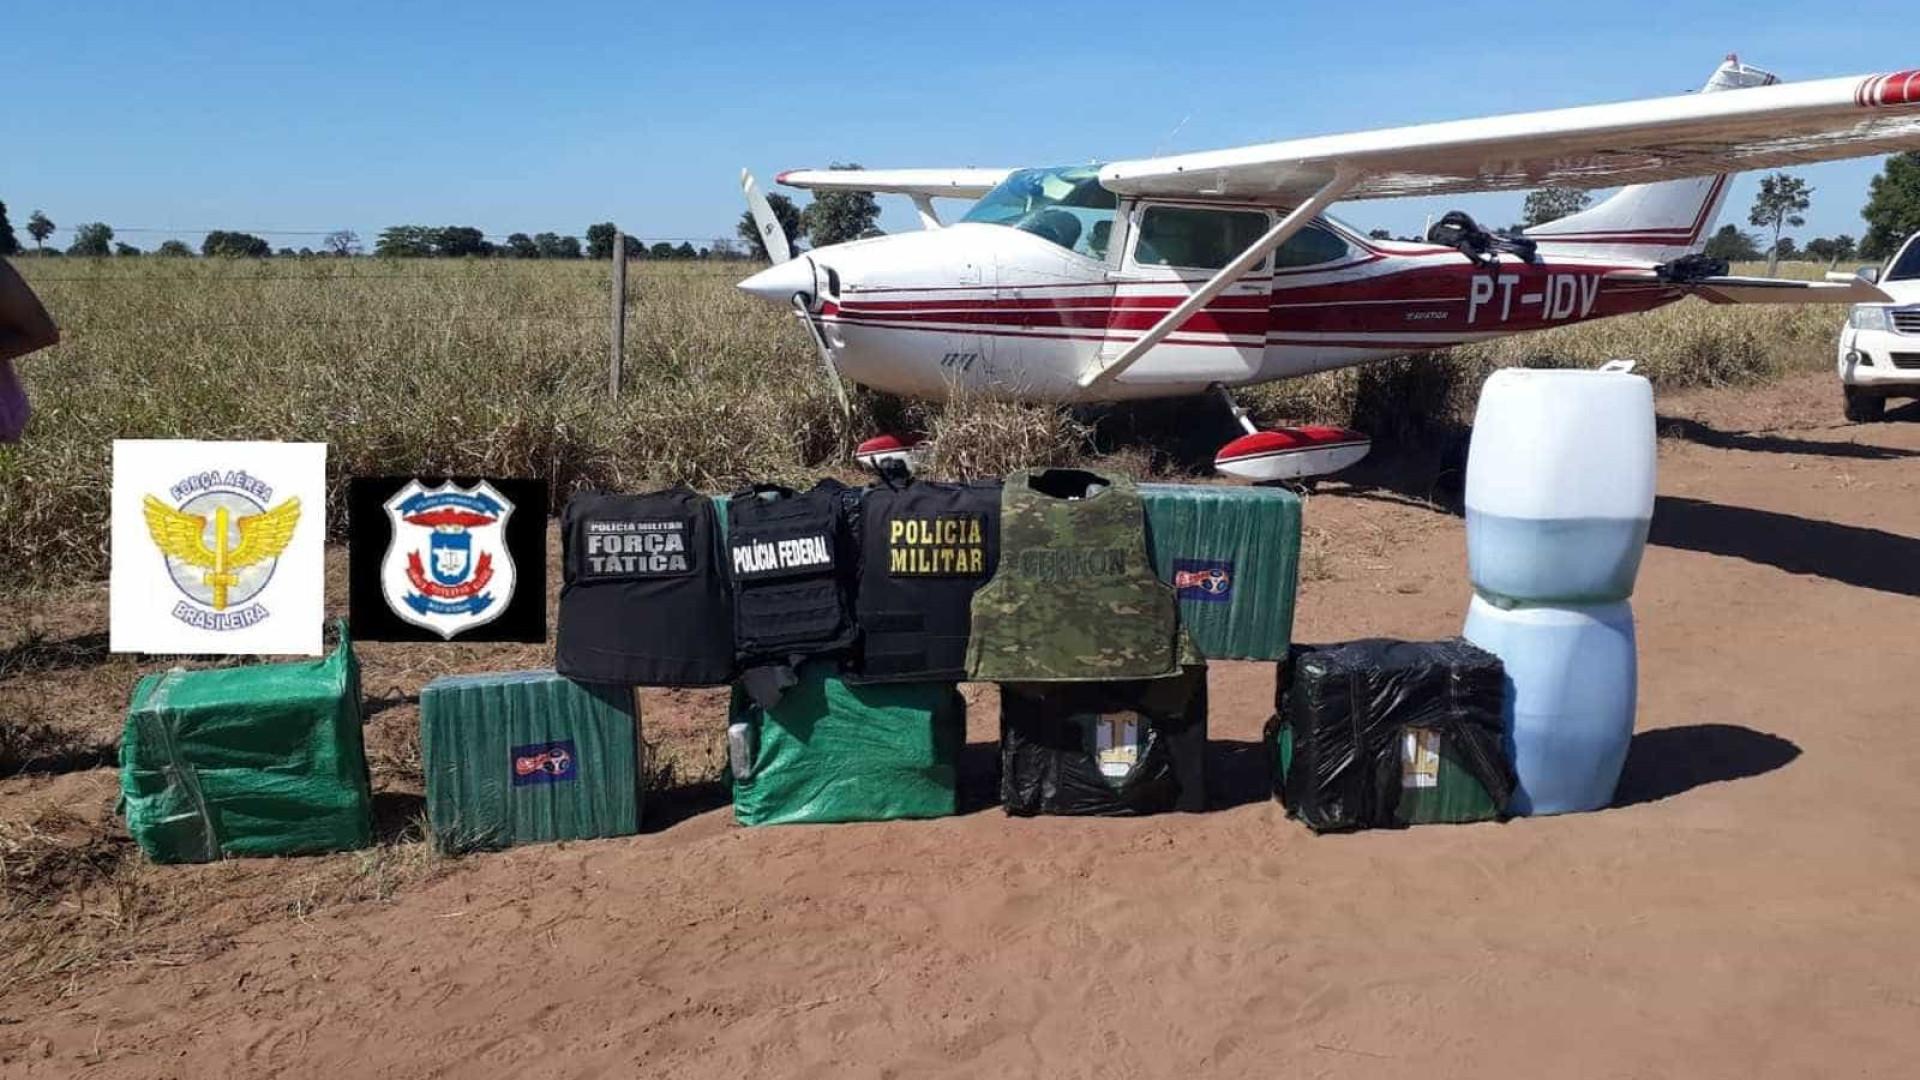 Grupo invade aeroporto e tenta resgatar avião interceptado pela FAB